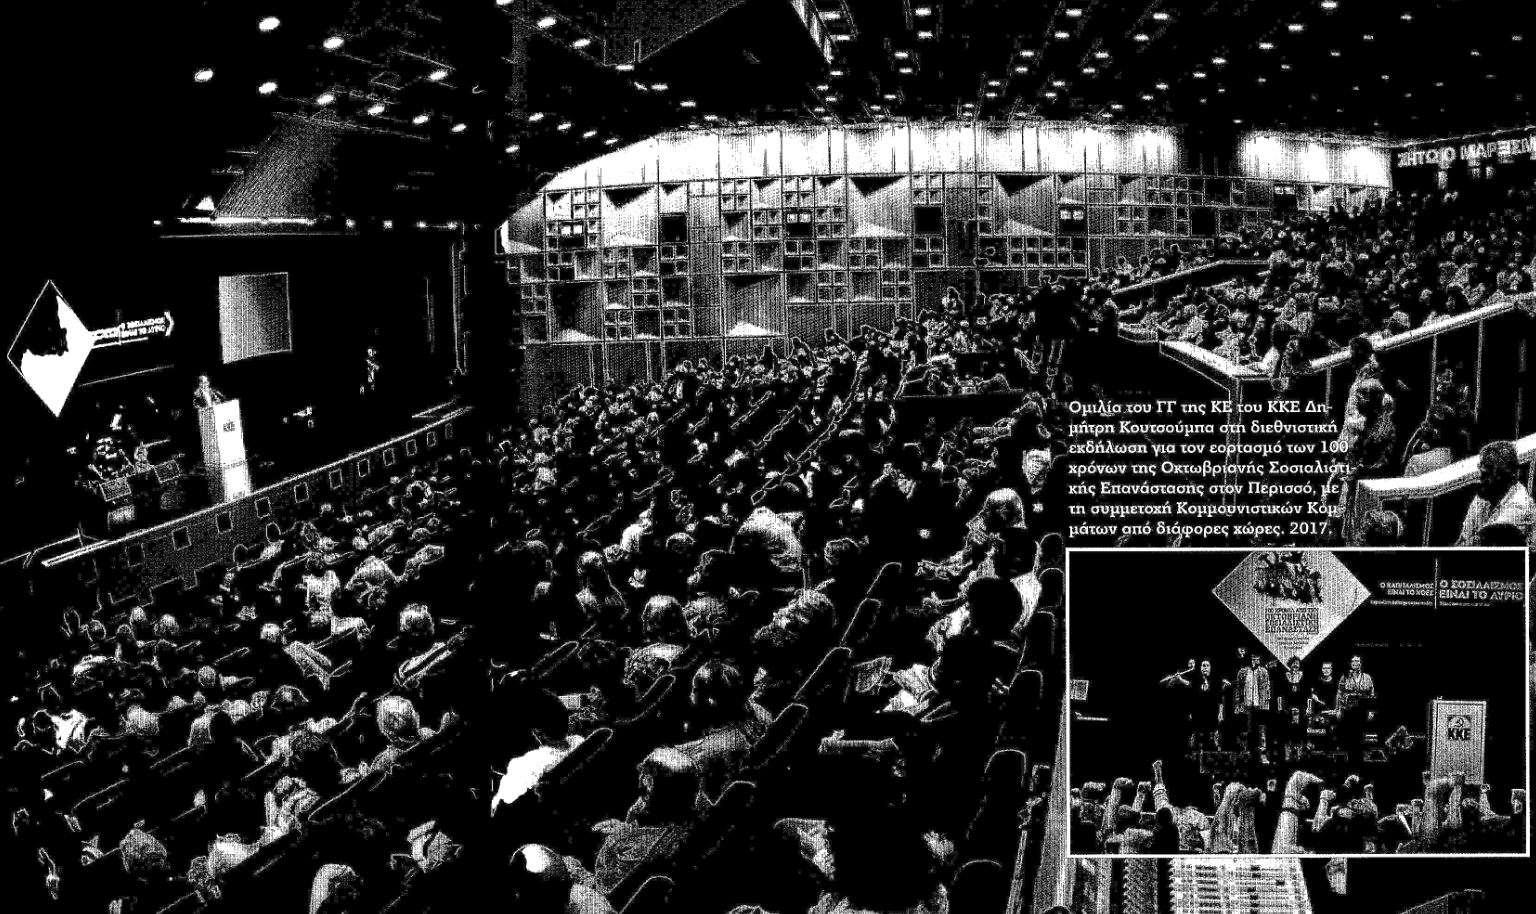 Κτήριο ΚΕ ΚΚΕ Περισσός εκδηλώσεις